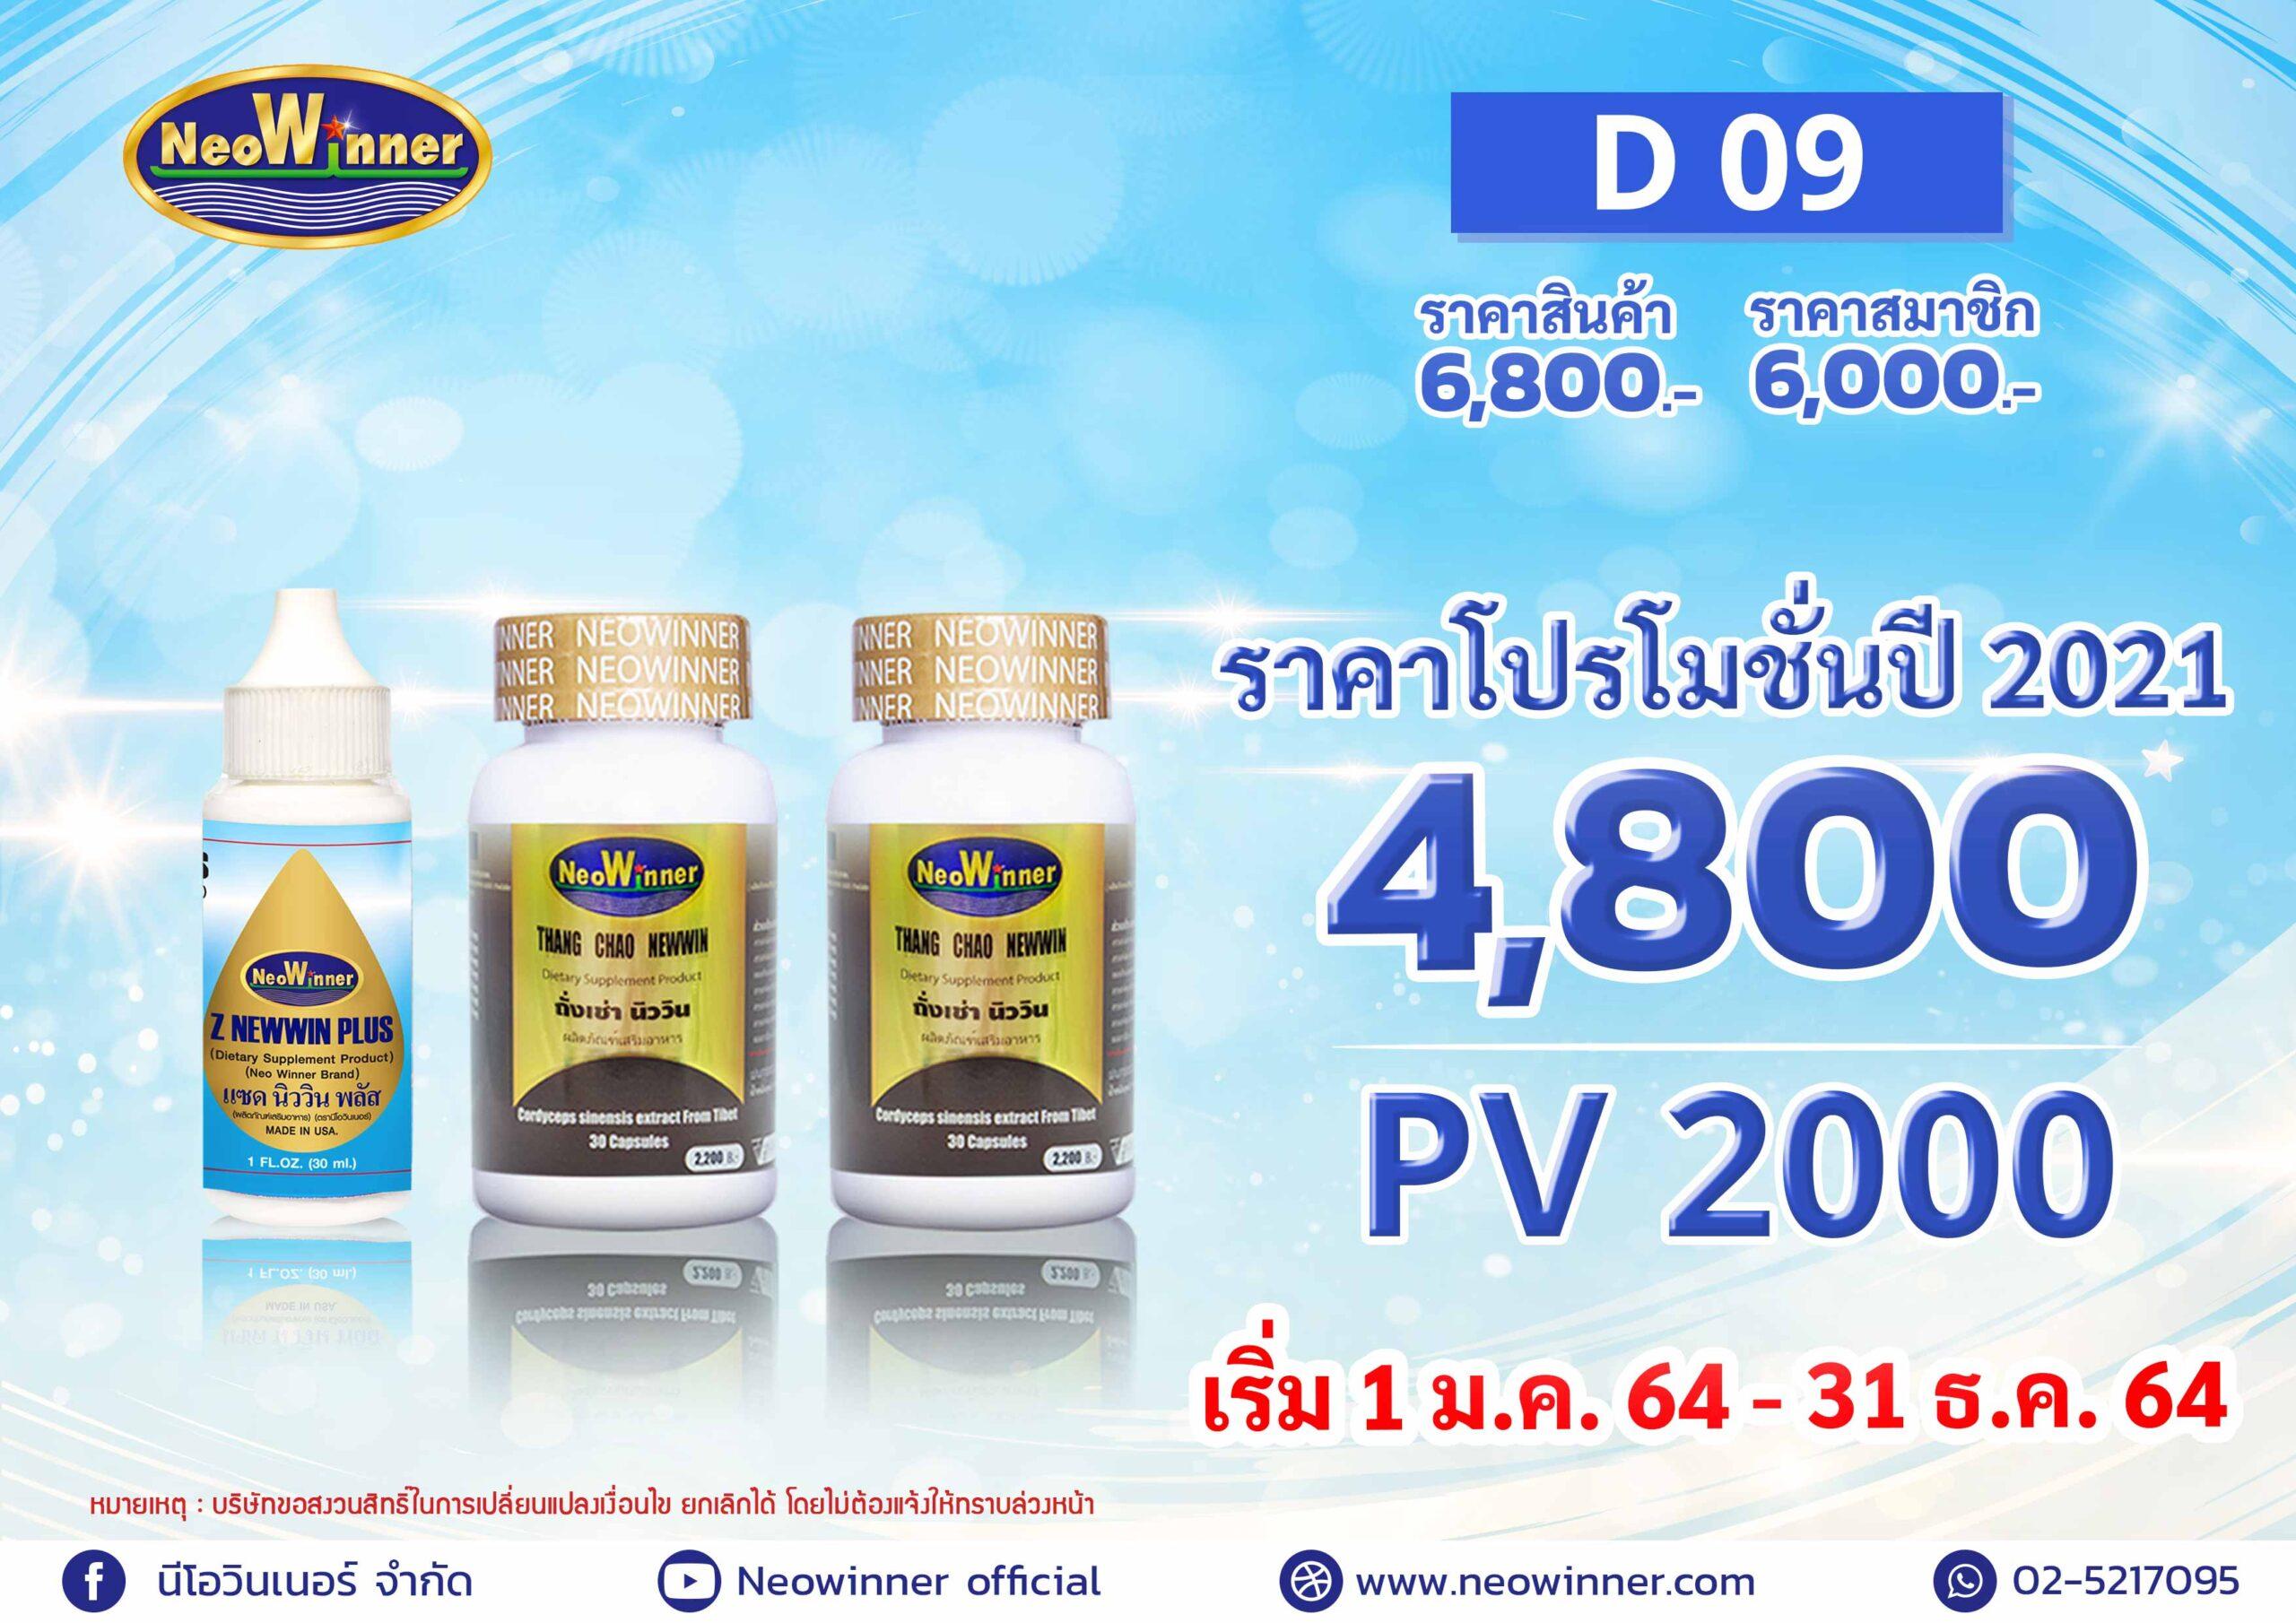 Promotion-D-09-2021